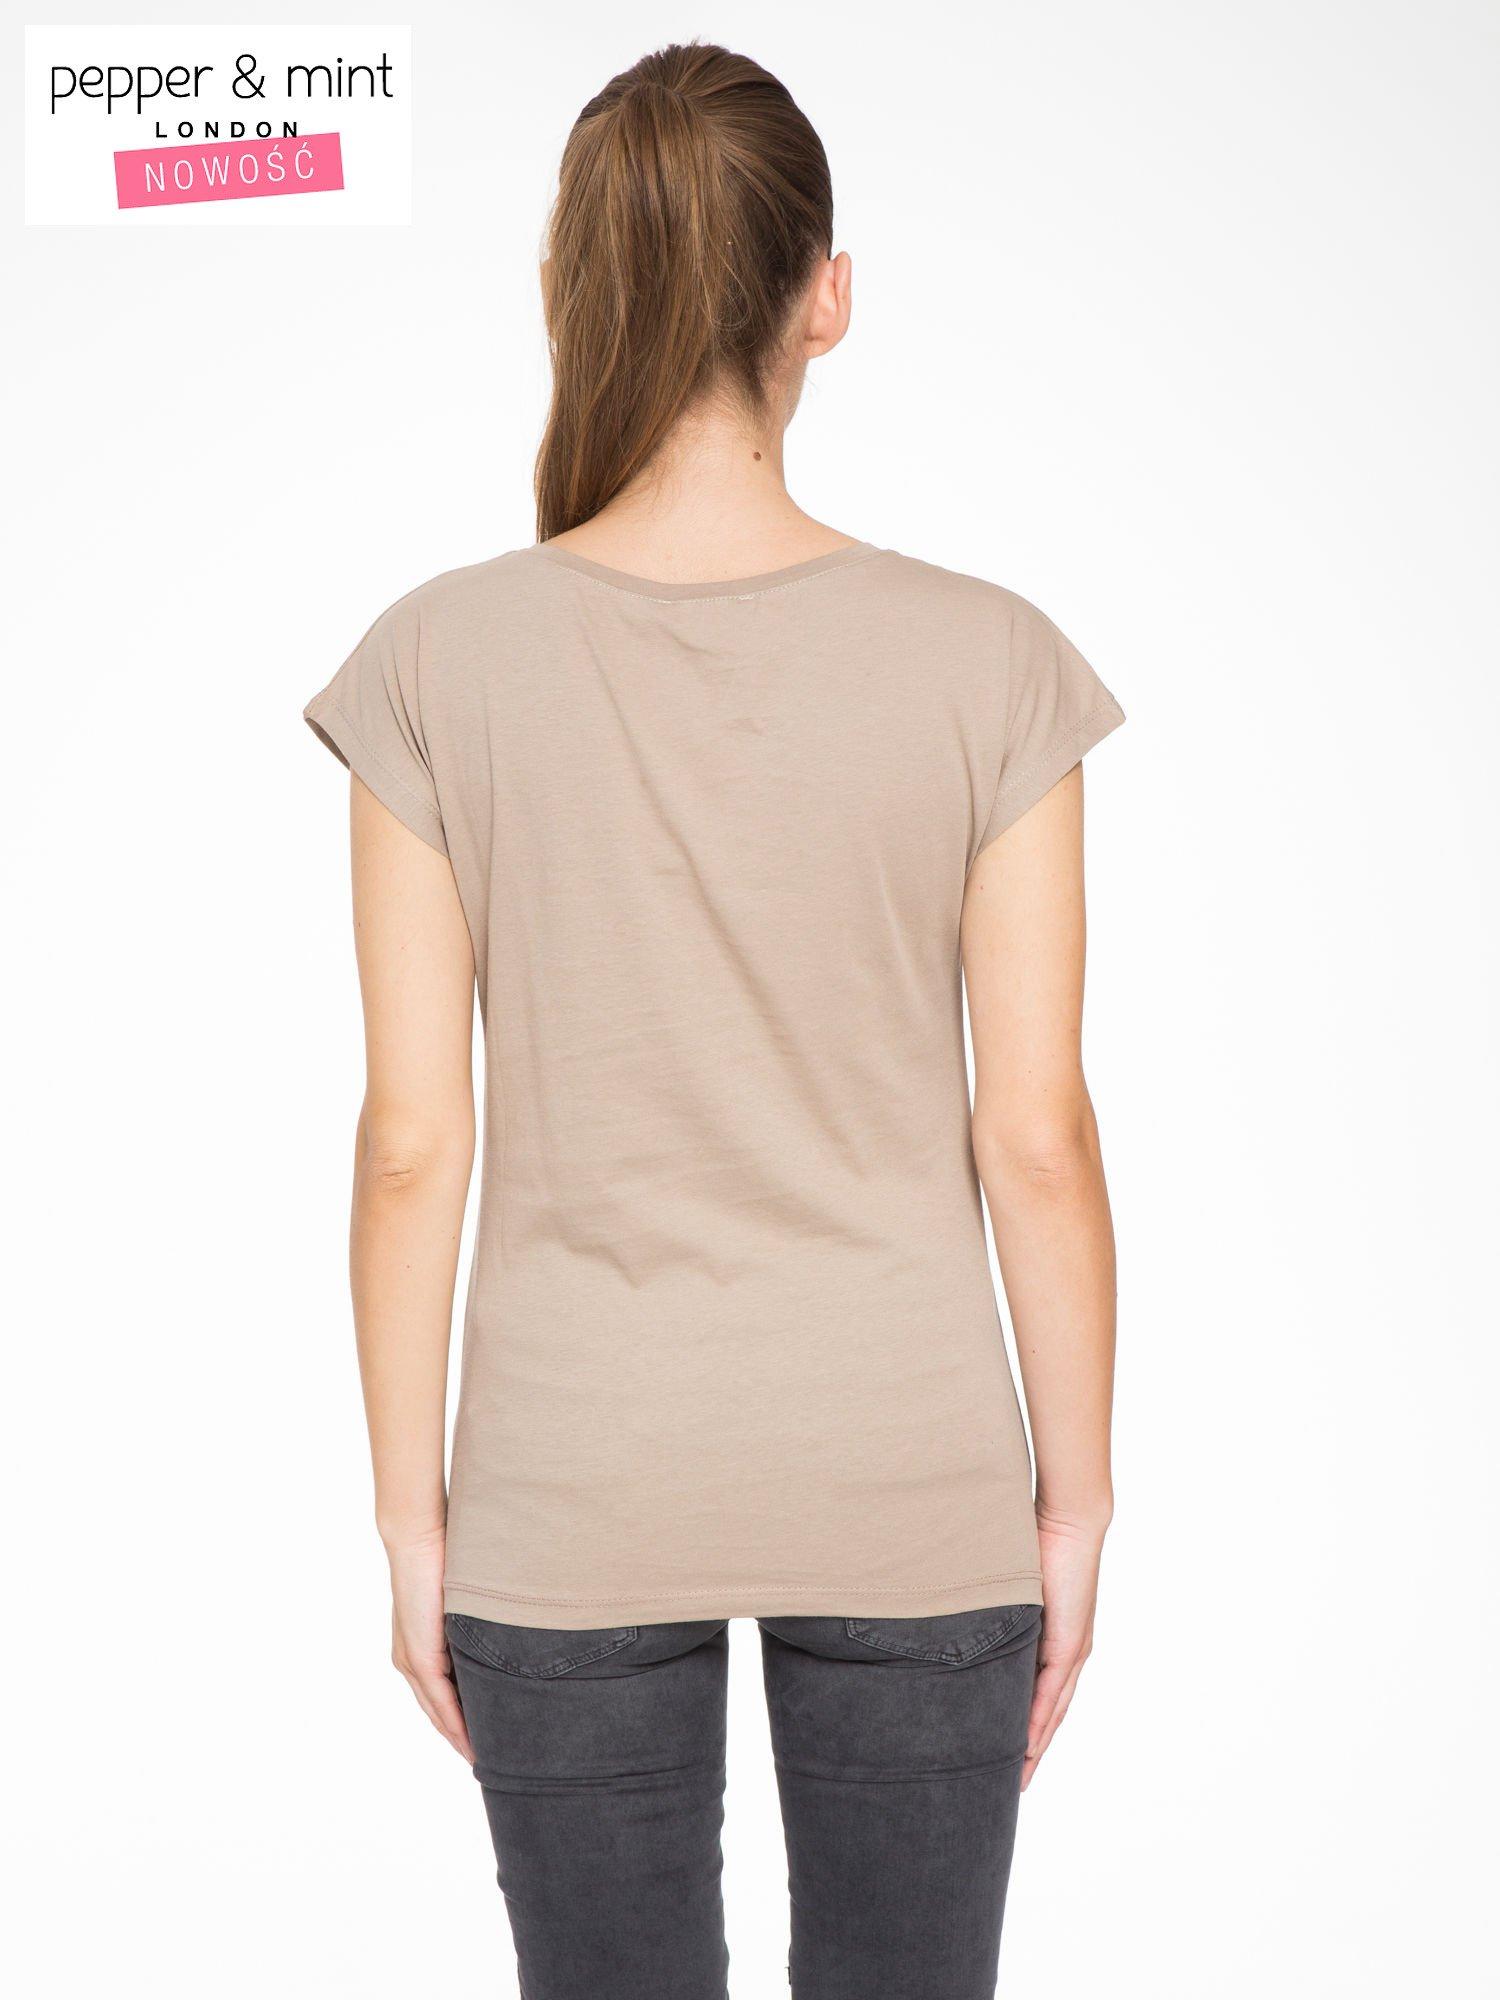 Jasnobrązowy t-shirt z nadrukiem CALIFORNIA                                  zdj.                                  4